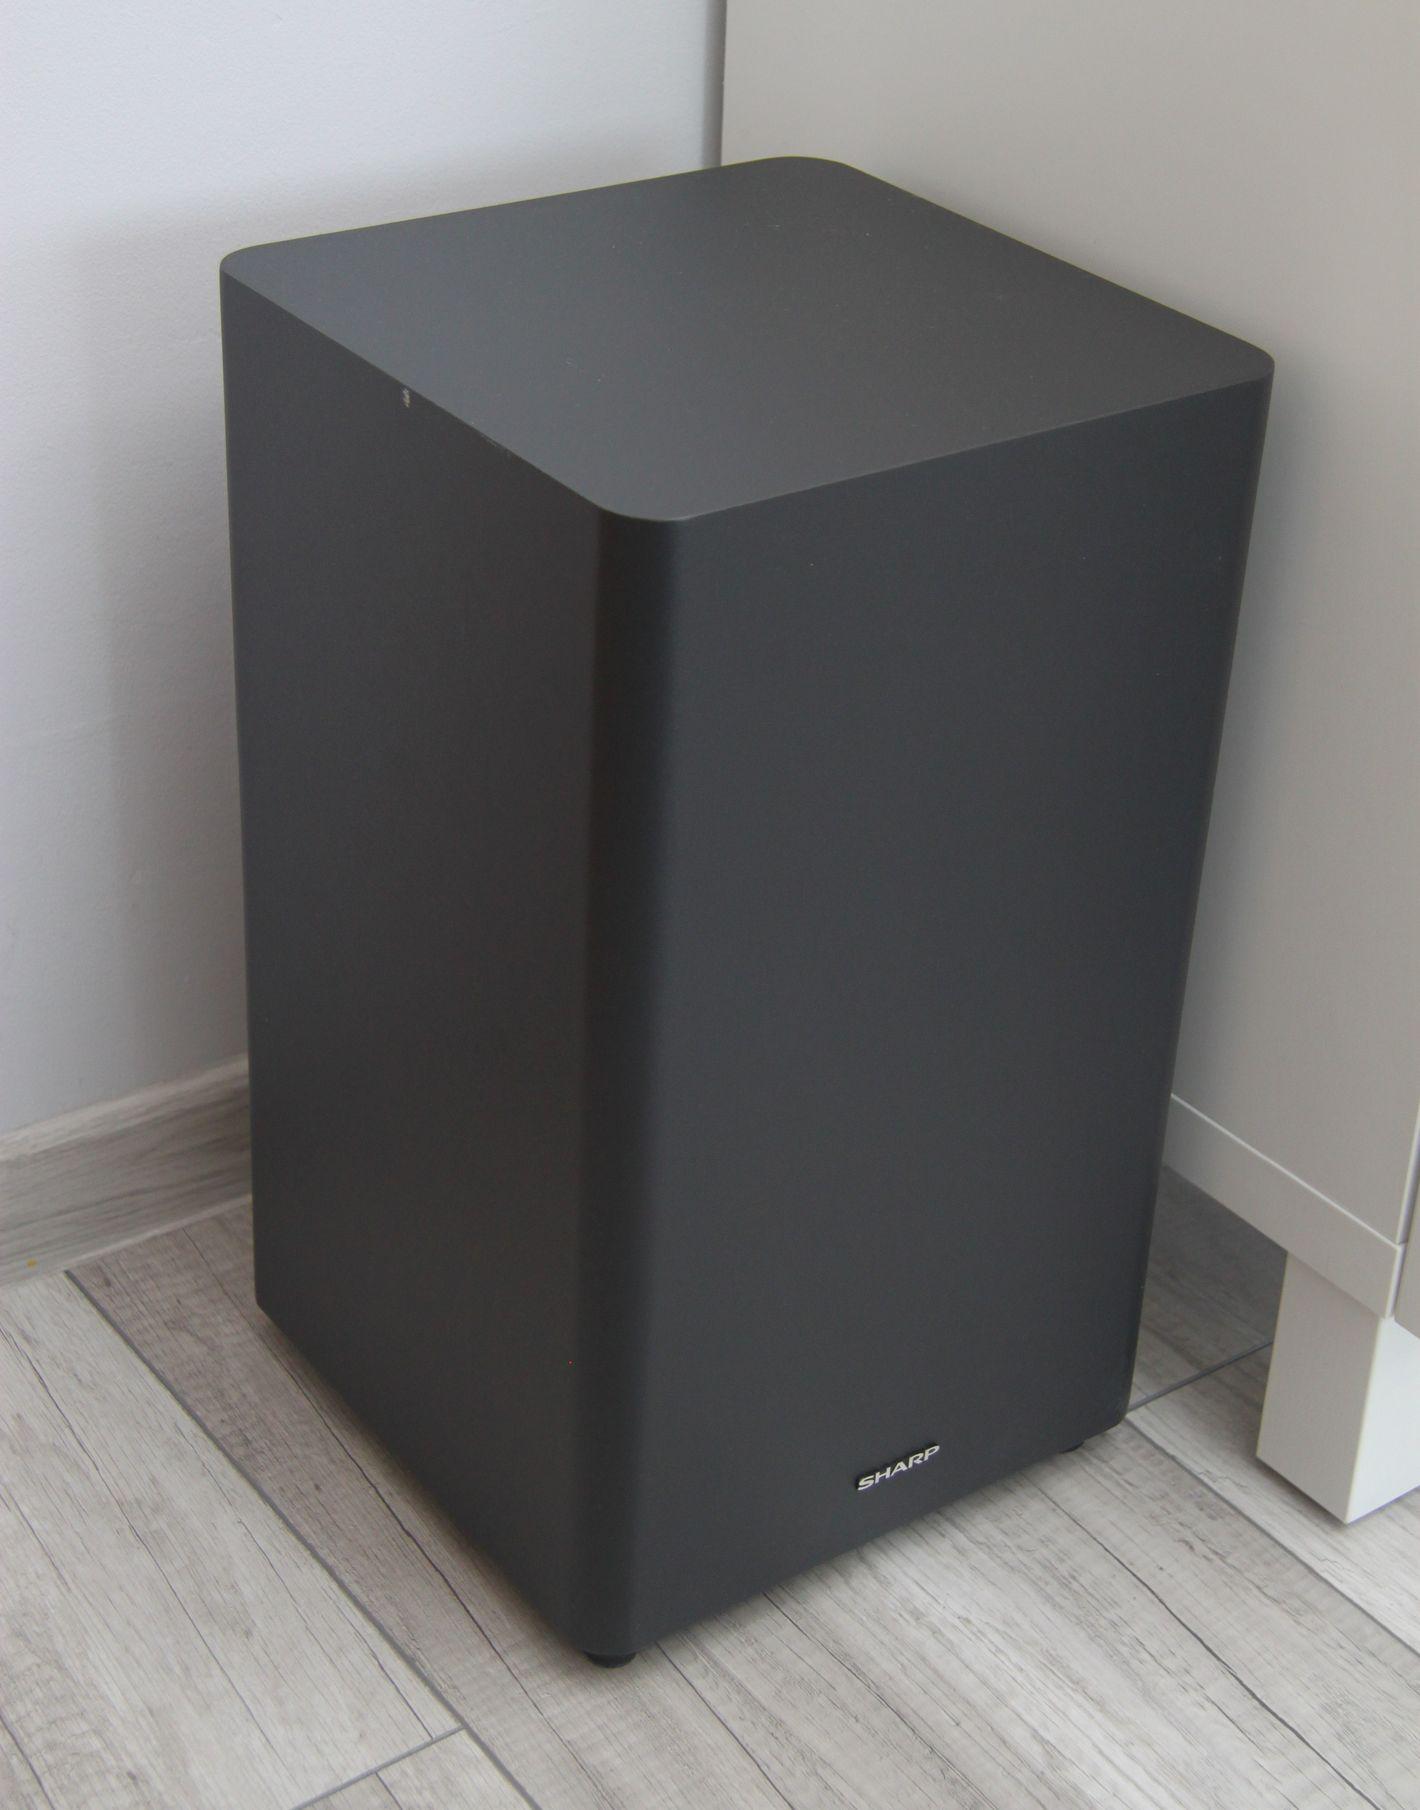 Sharp HT-SBW460 głośnik basowy